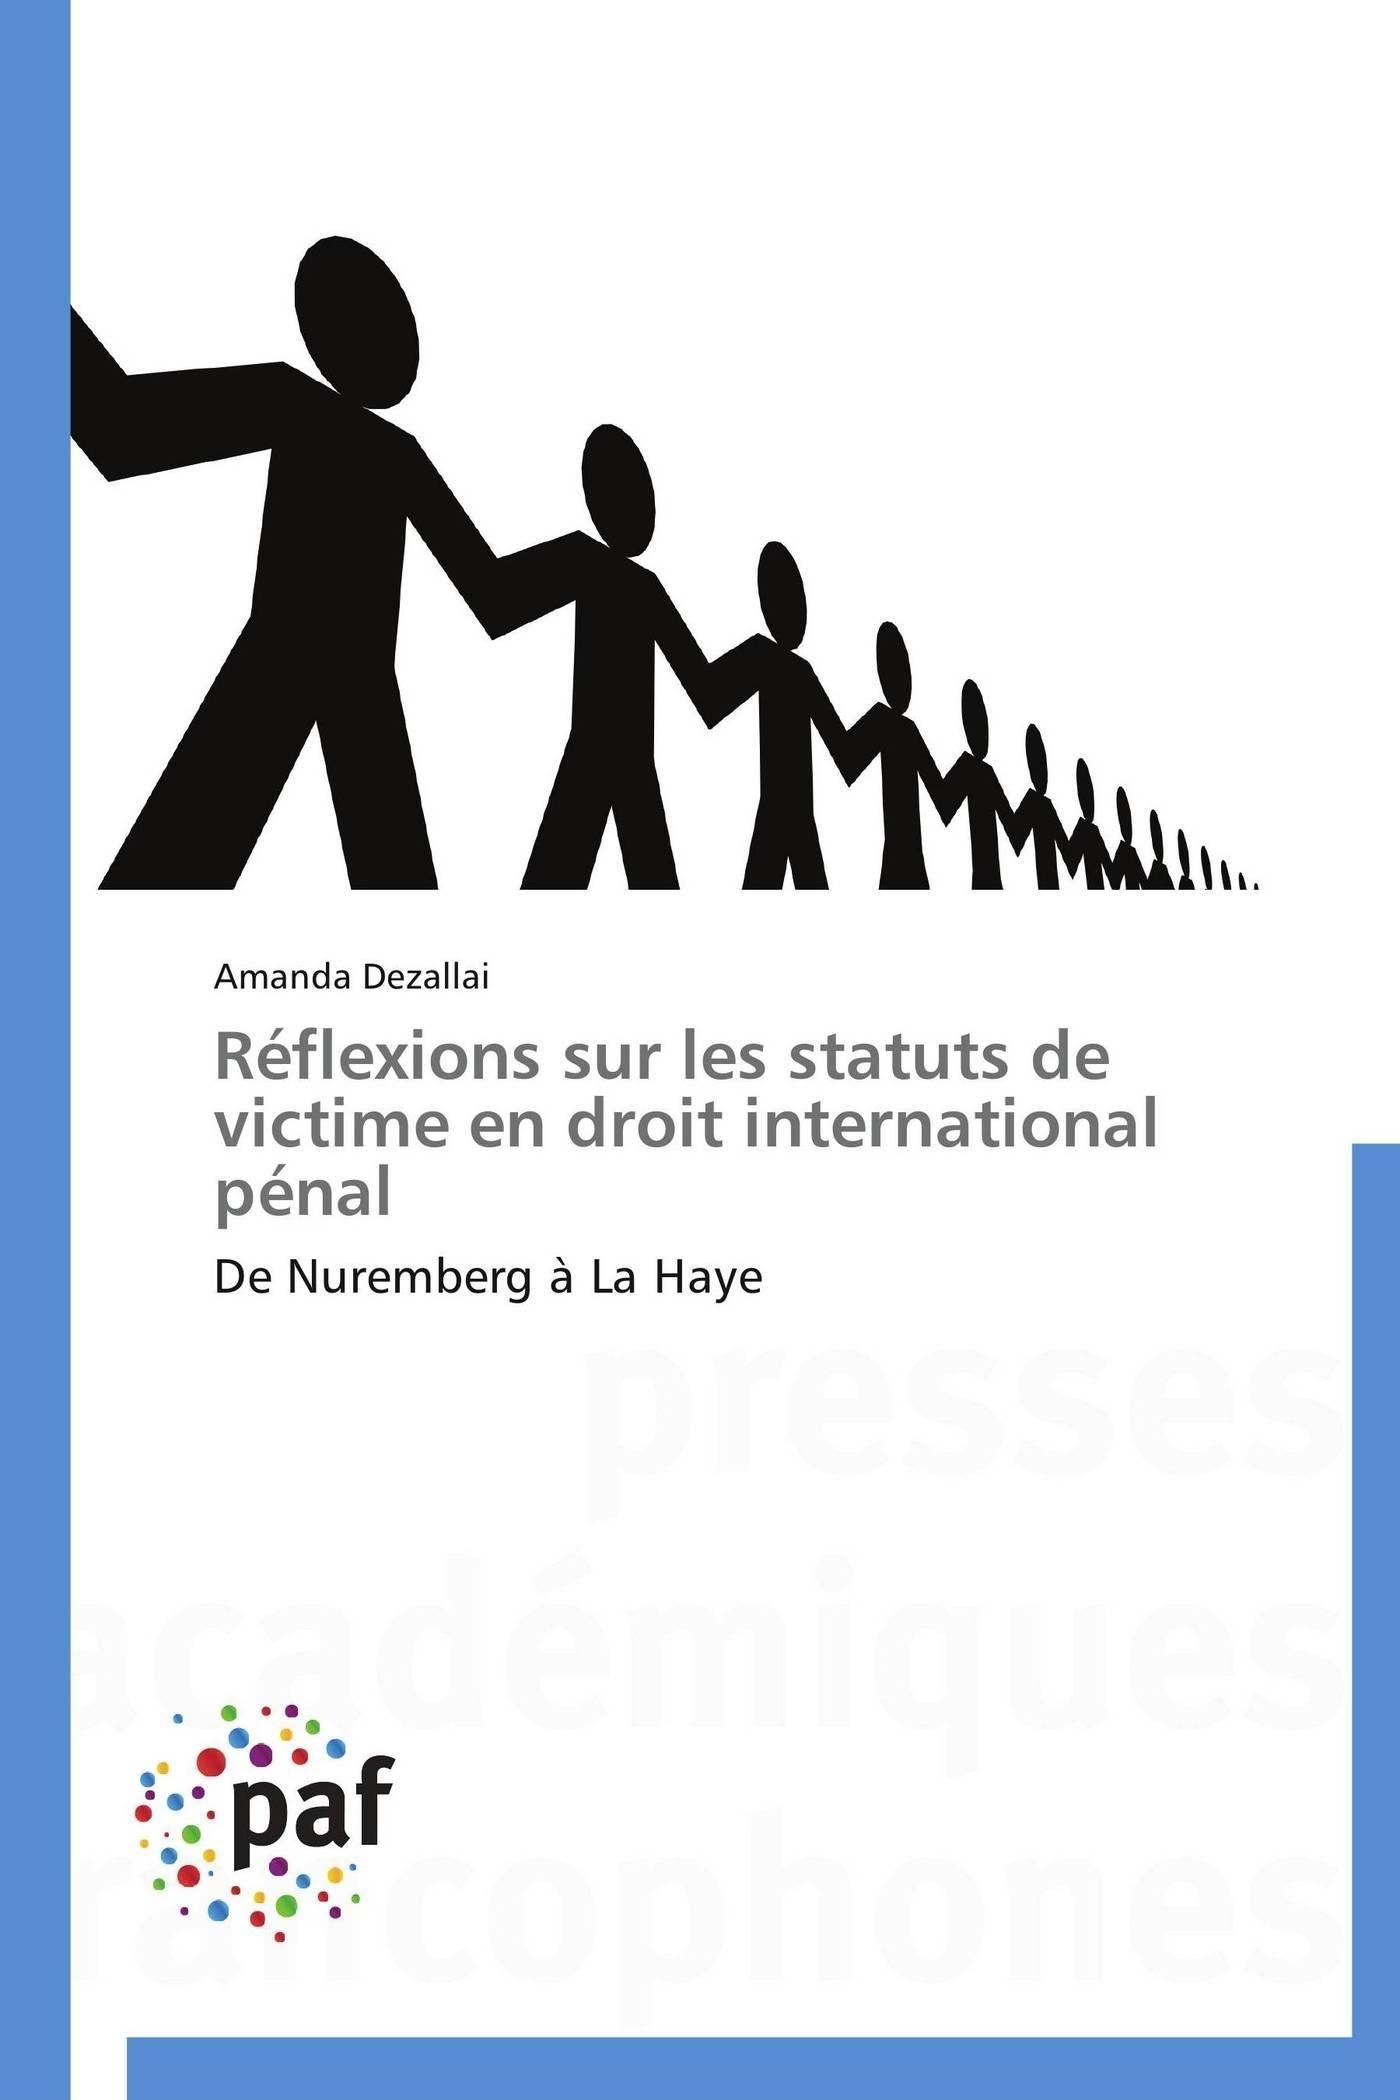 REFLEXIONS SUR LES STATUTS DE VICTIME EN DROIT INTERNATIONAL PENAL